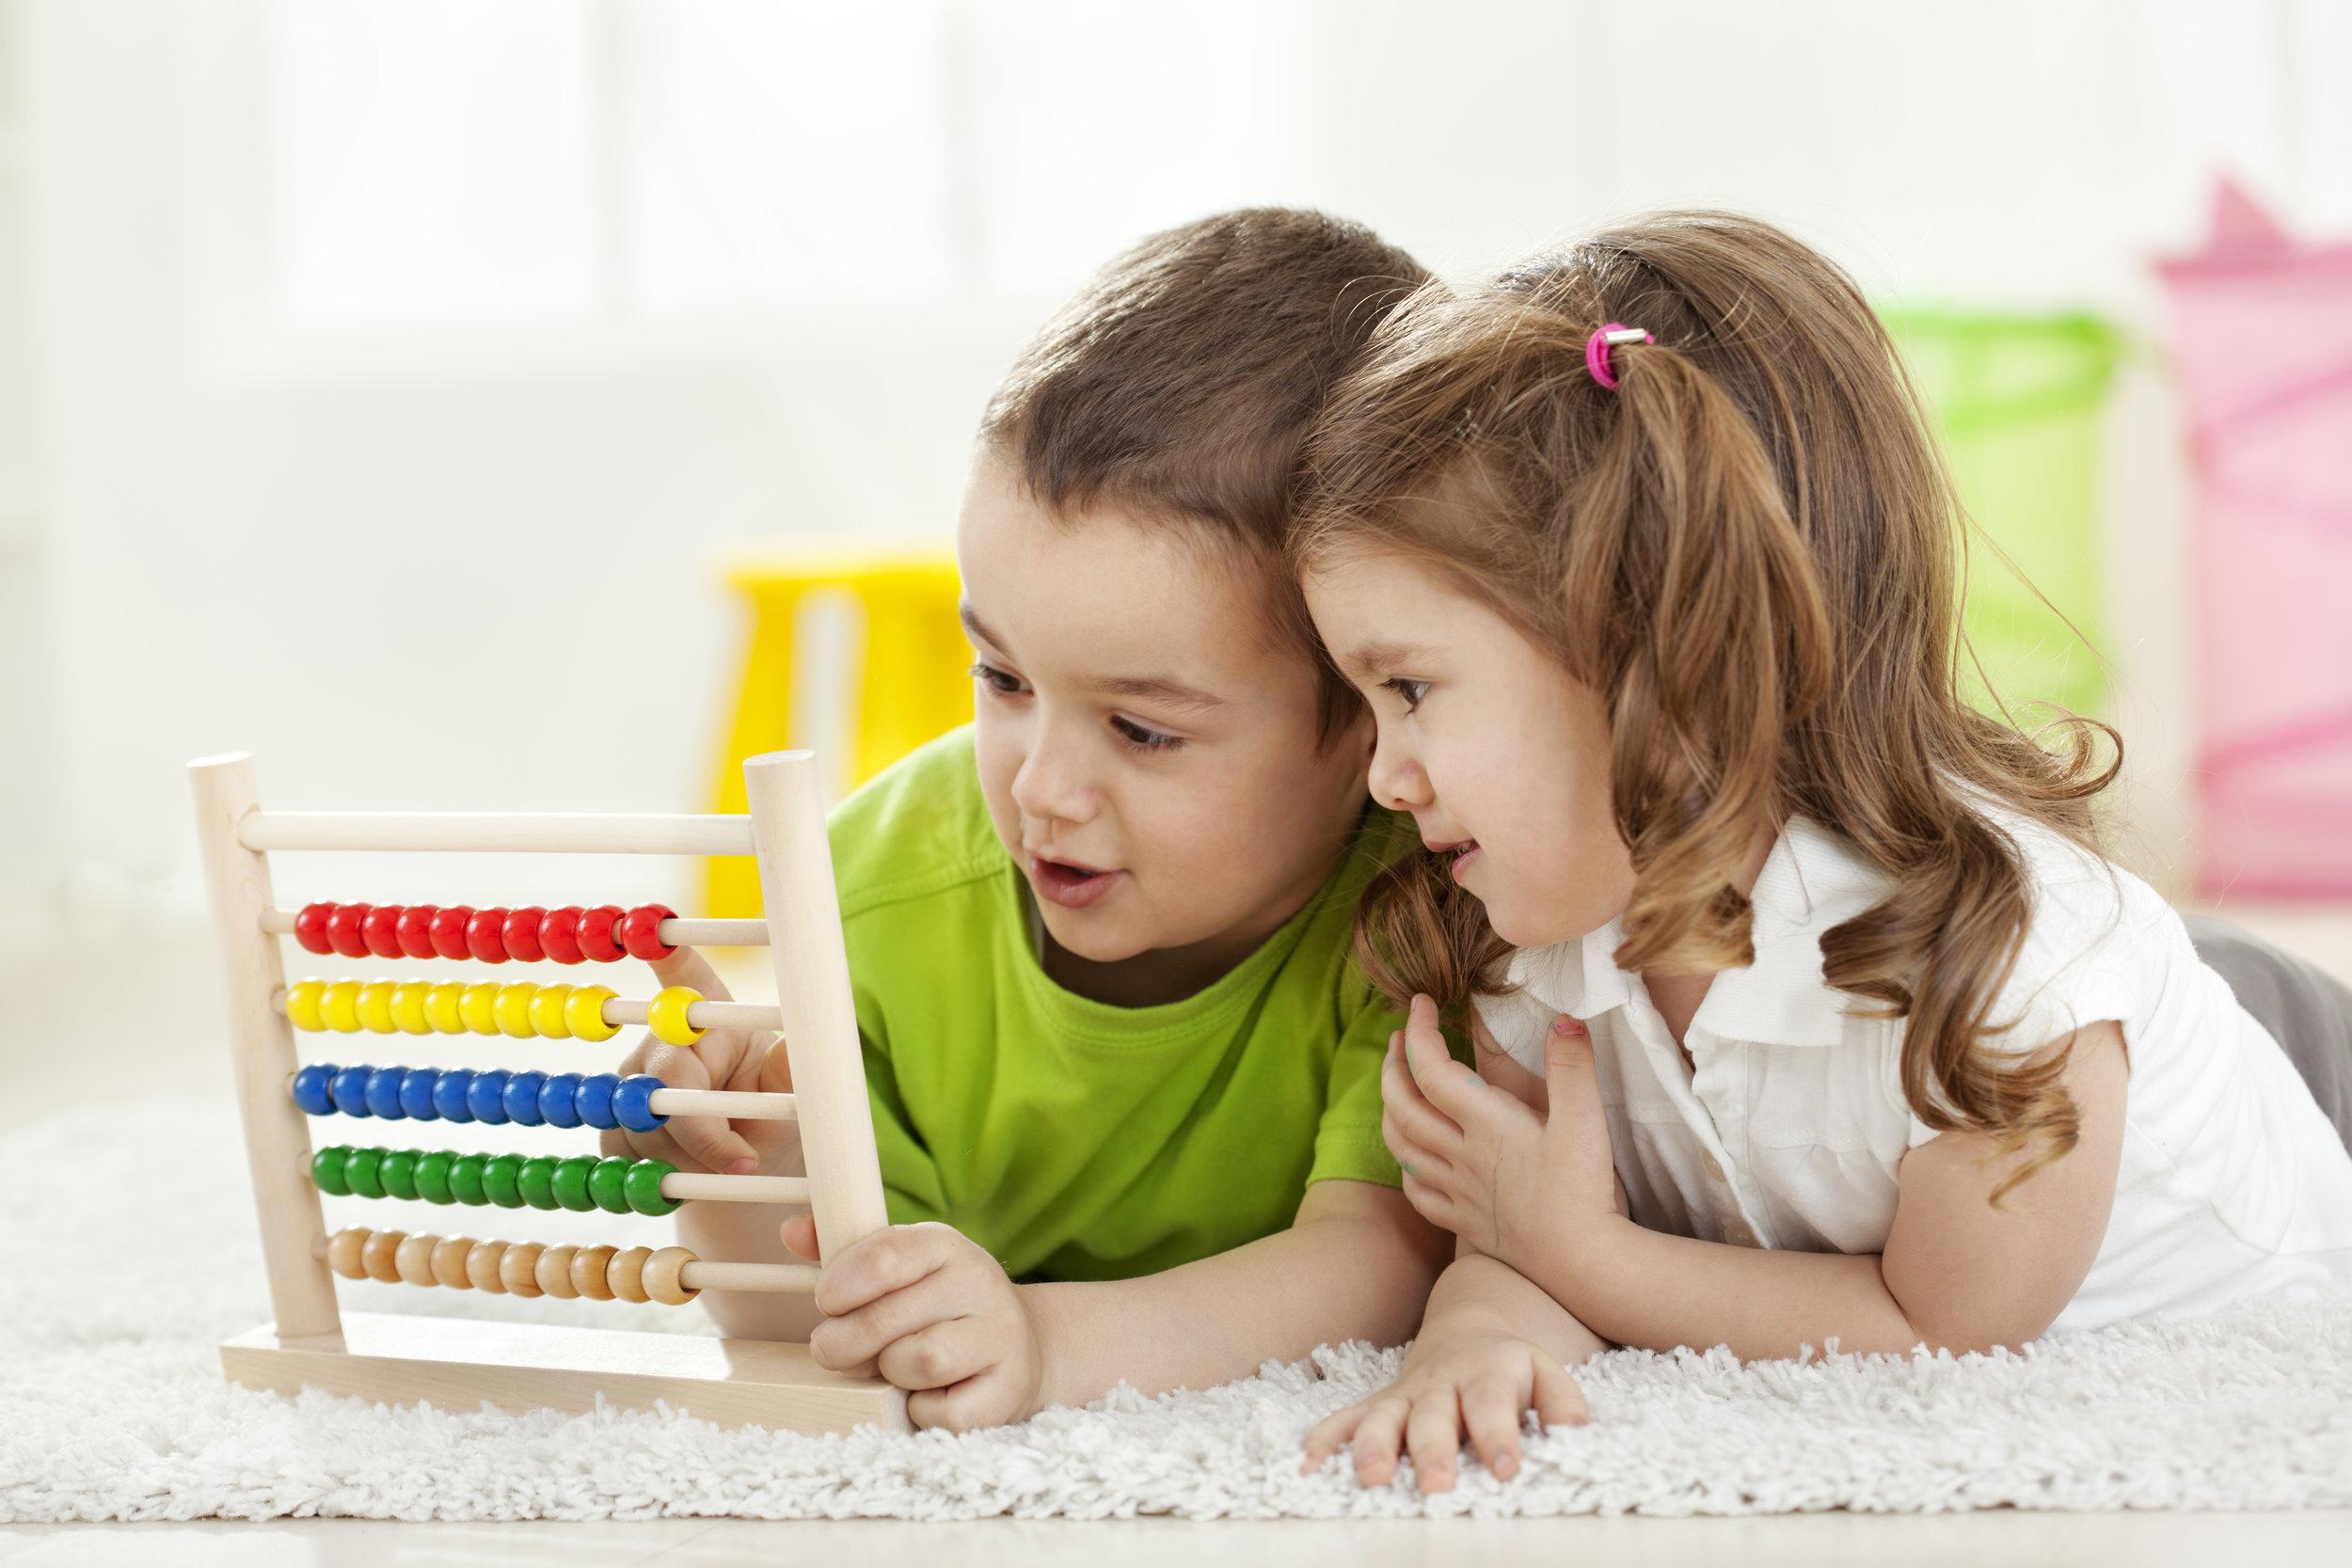 maternelle 4 ans-opinion-CPE-réflexion-attentes des parents-enfants-développement de l'enfant-enfance-Je suis une maman